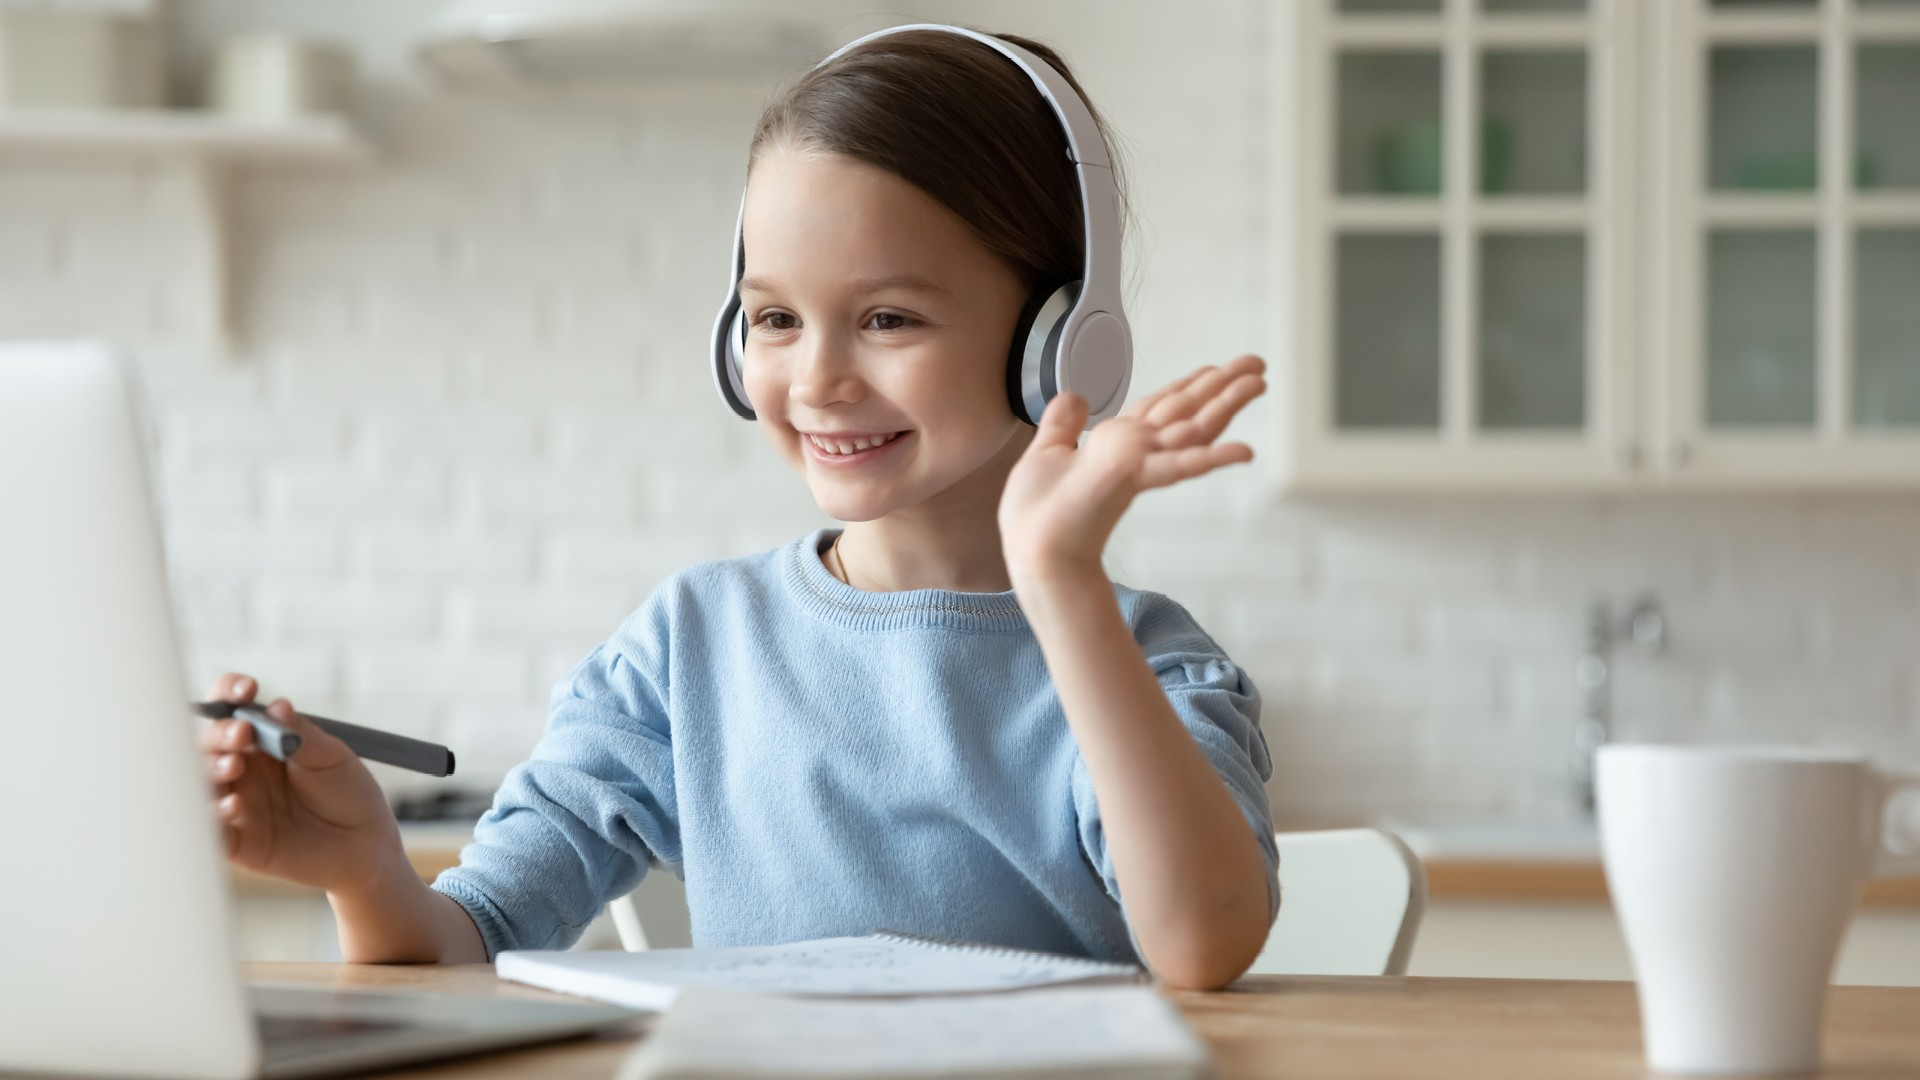 Bambina con cuffie che fa i compiti